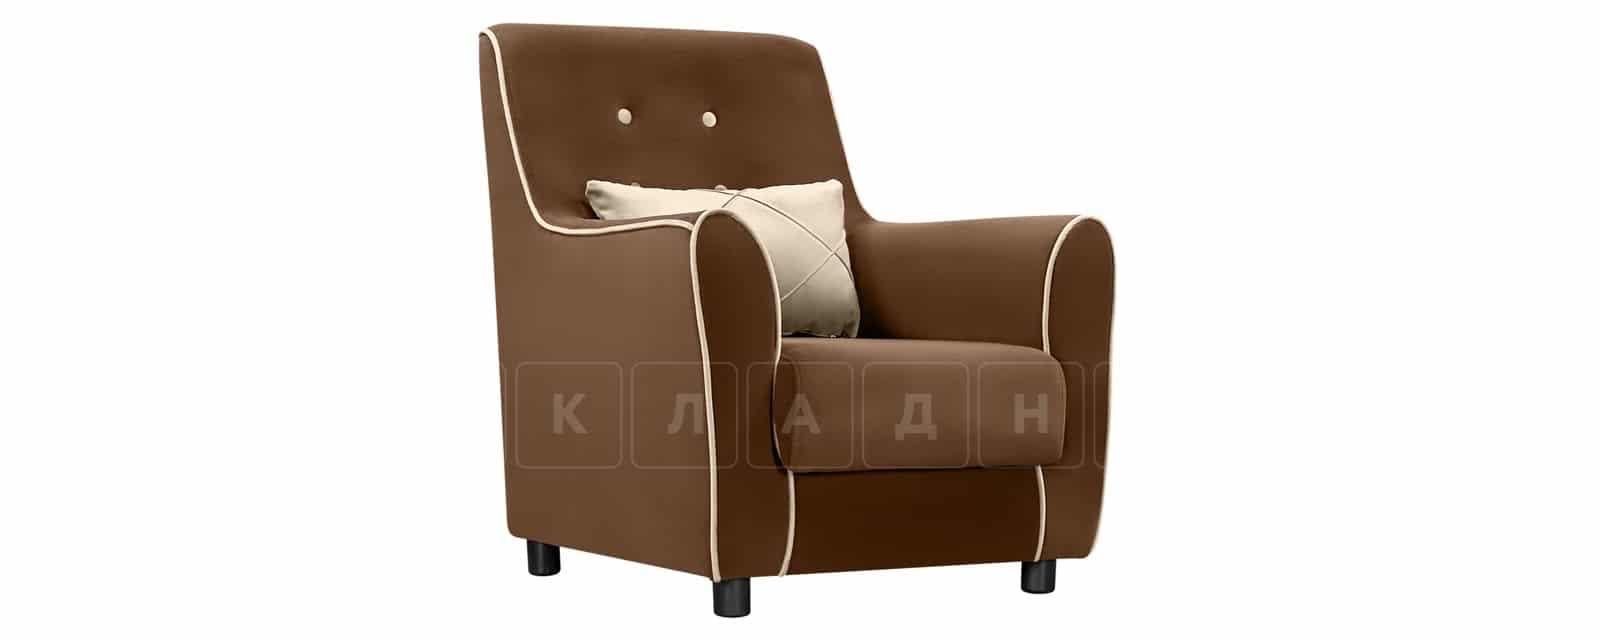 Кресло Флэтфорд велюр коричневый с бежевым кантом фото 1 | интернет-магазин Складно